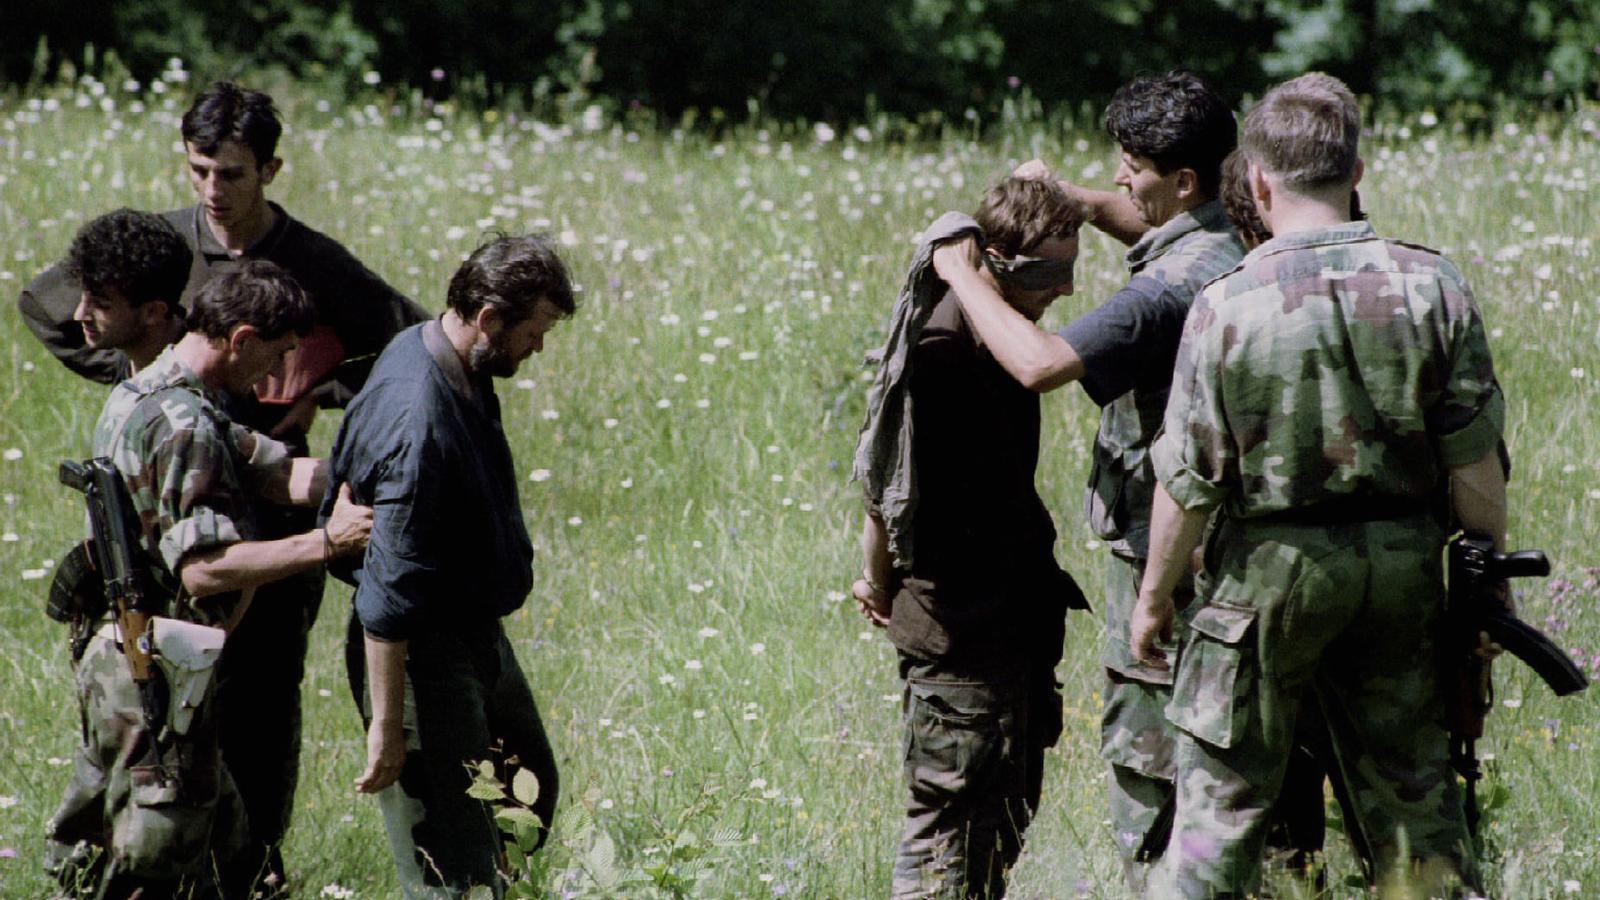 Militars croats tapen els ulls a diversos presoners bosnis musulmans.